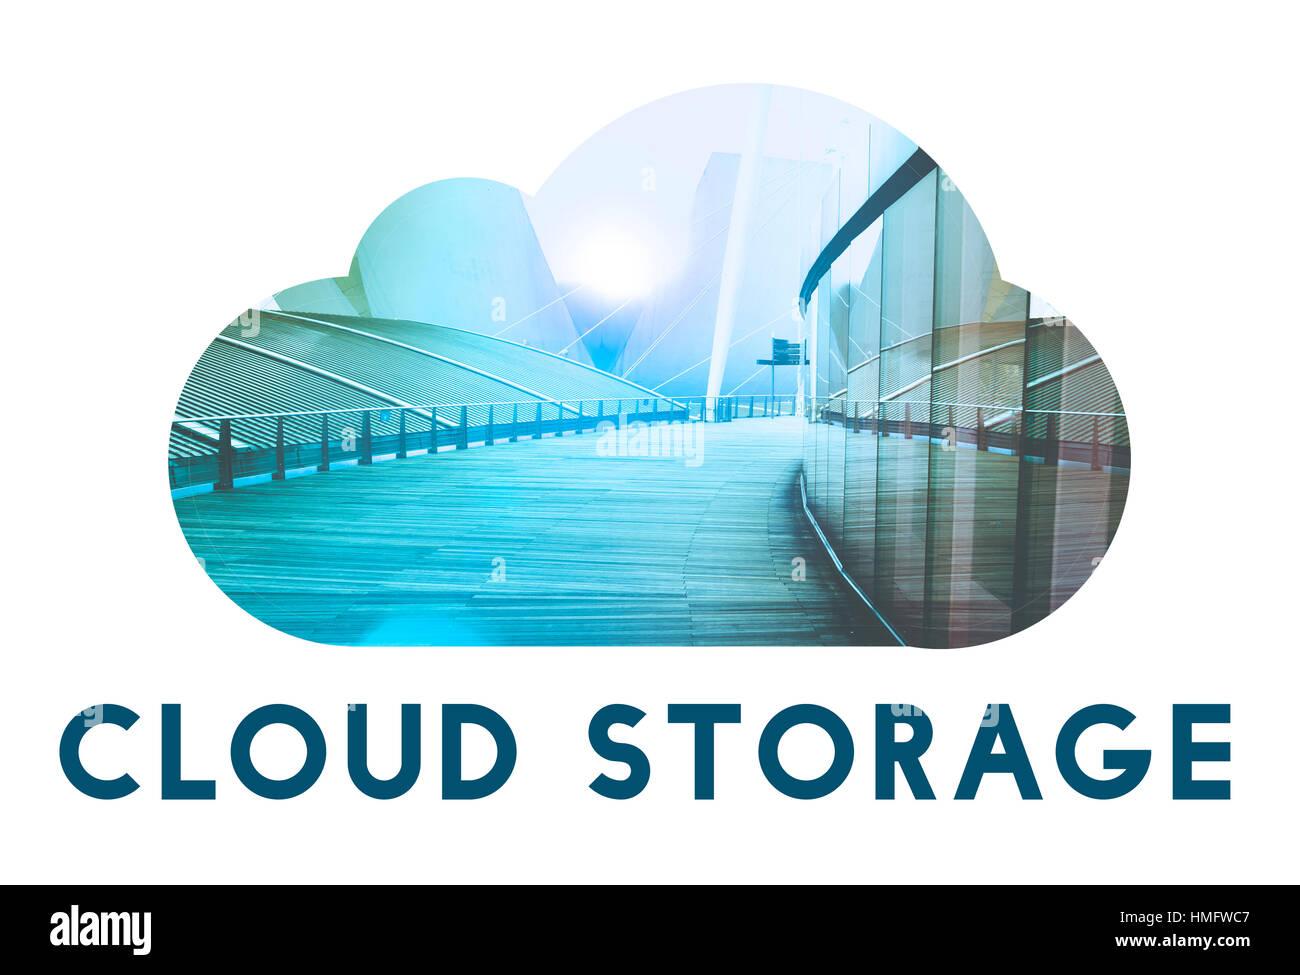 Descargar copia de seguridad de almacenamiento en la nube Imagen De Stock